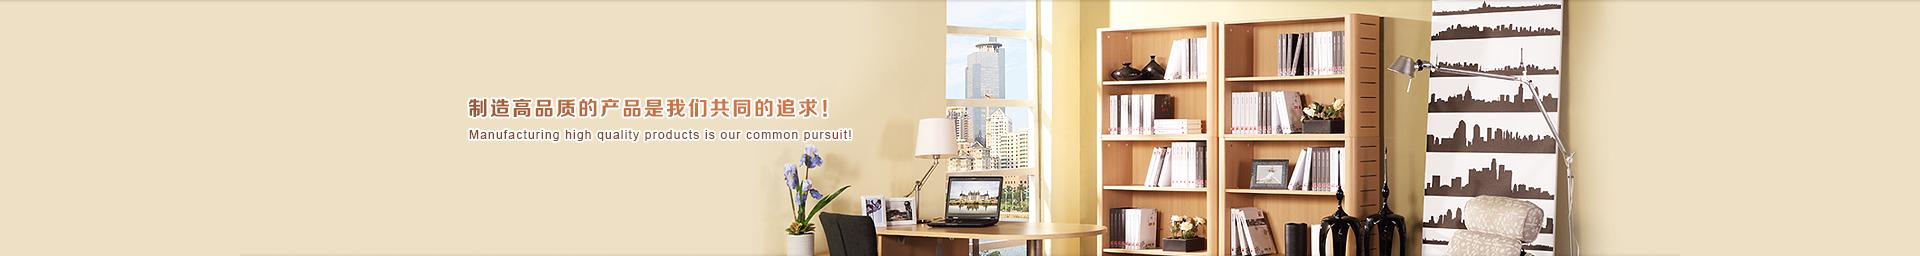 昆明专业的板式家具就在康盛达木工:昆明砂光机